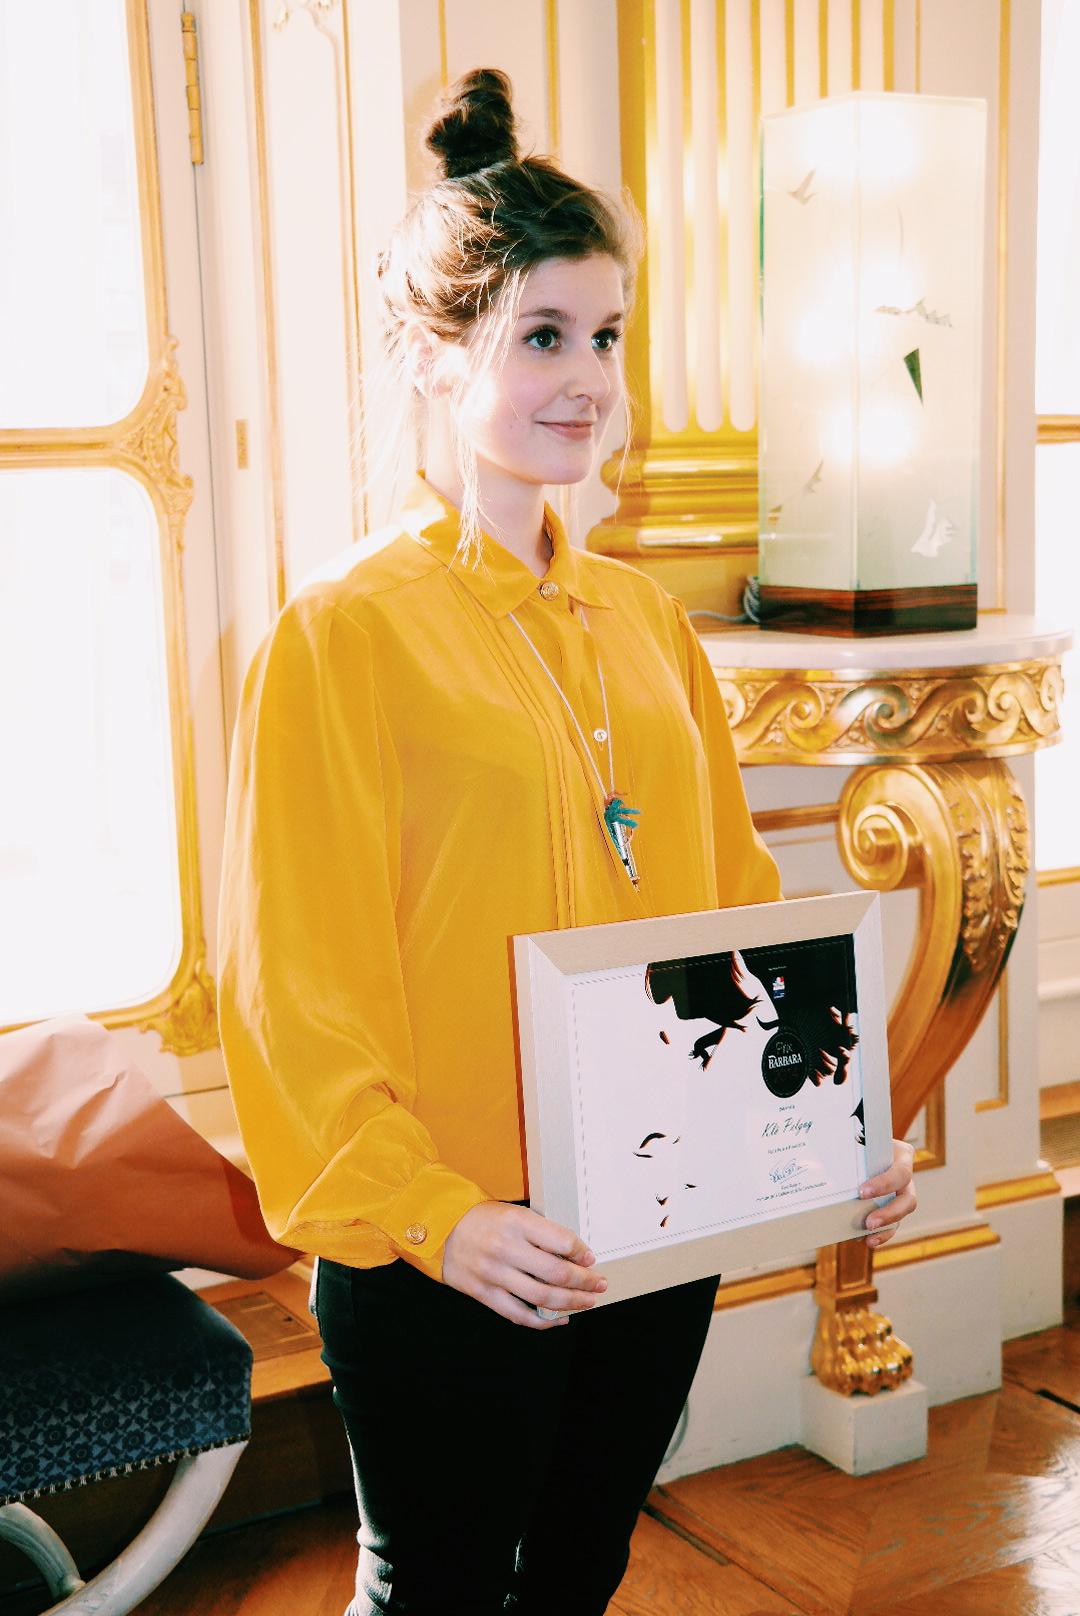 Klo-Pelgag-remise-du-Prix-Barbara-2015-par-la-Ministre-de-la-Culture-Fleur-Pellerin-Ministère-photo-by-United-States-of-Paris-blog